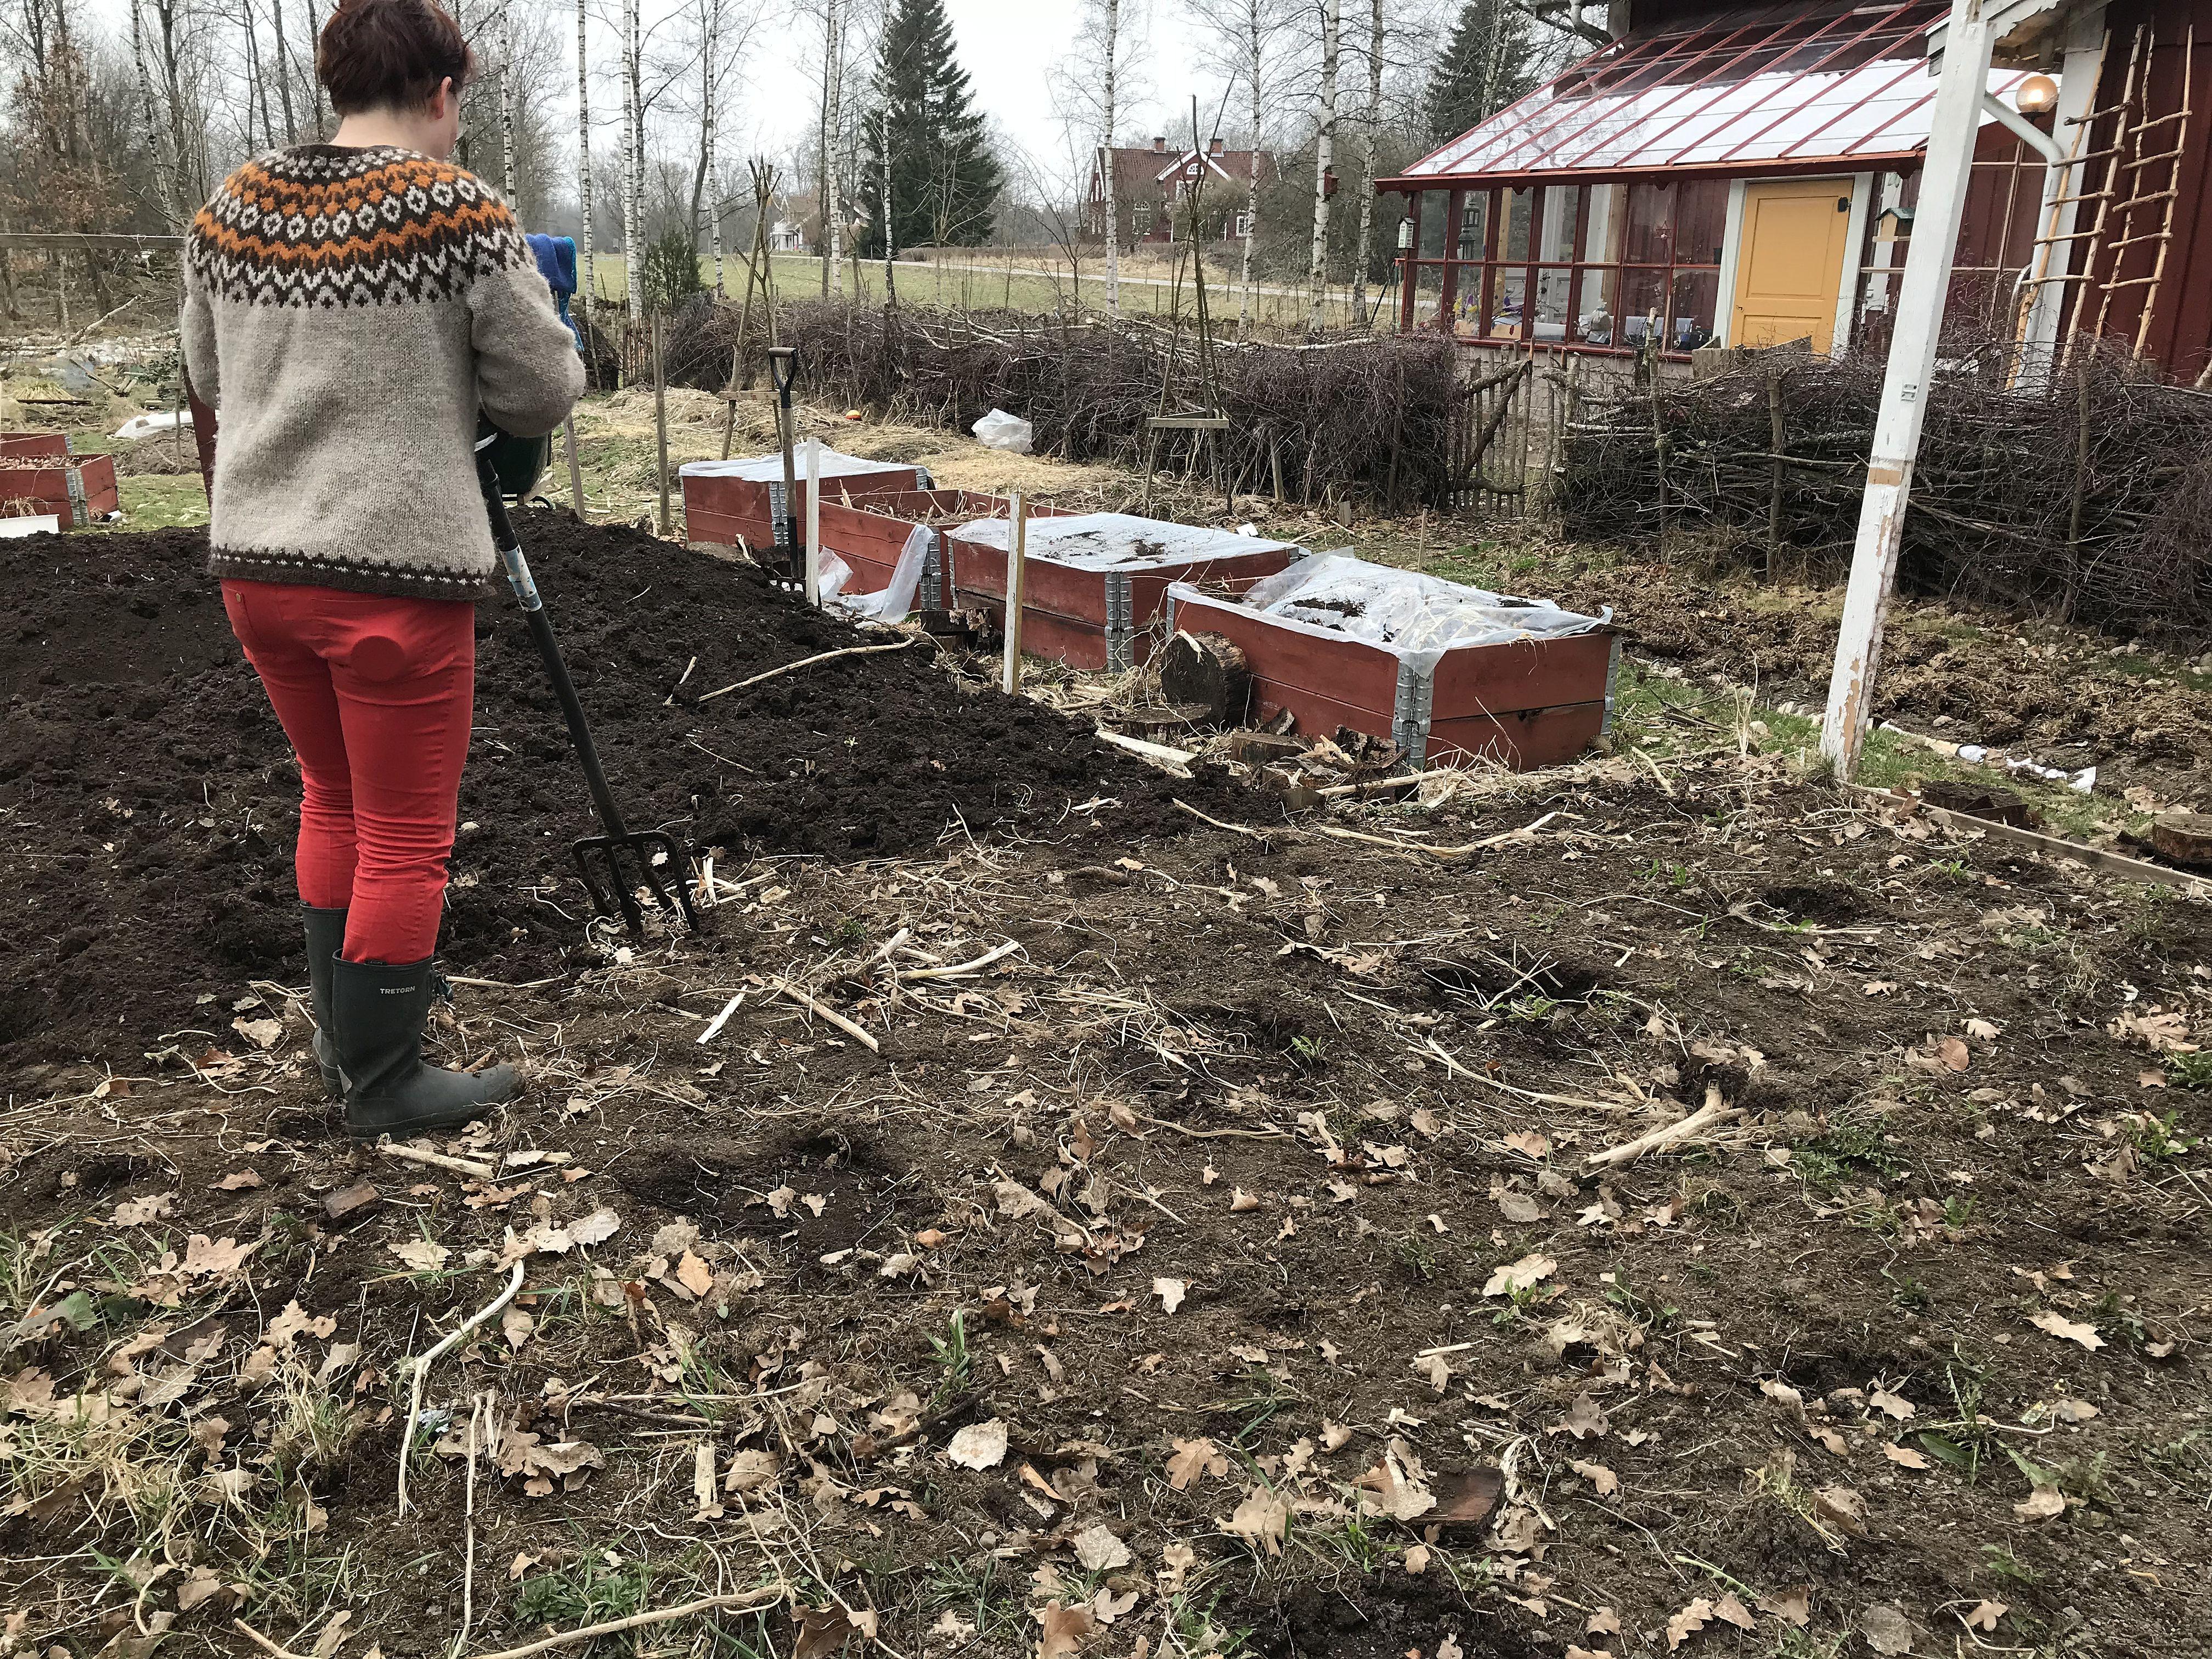 Ett köksträdgårdsland håller på att förberedas och rensas.